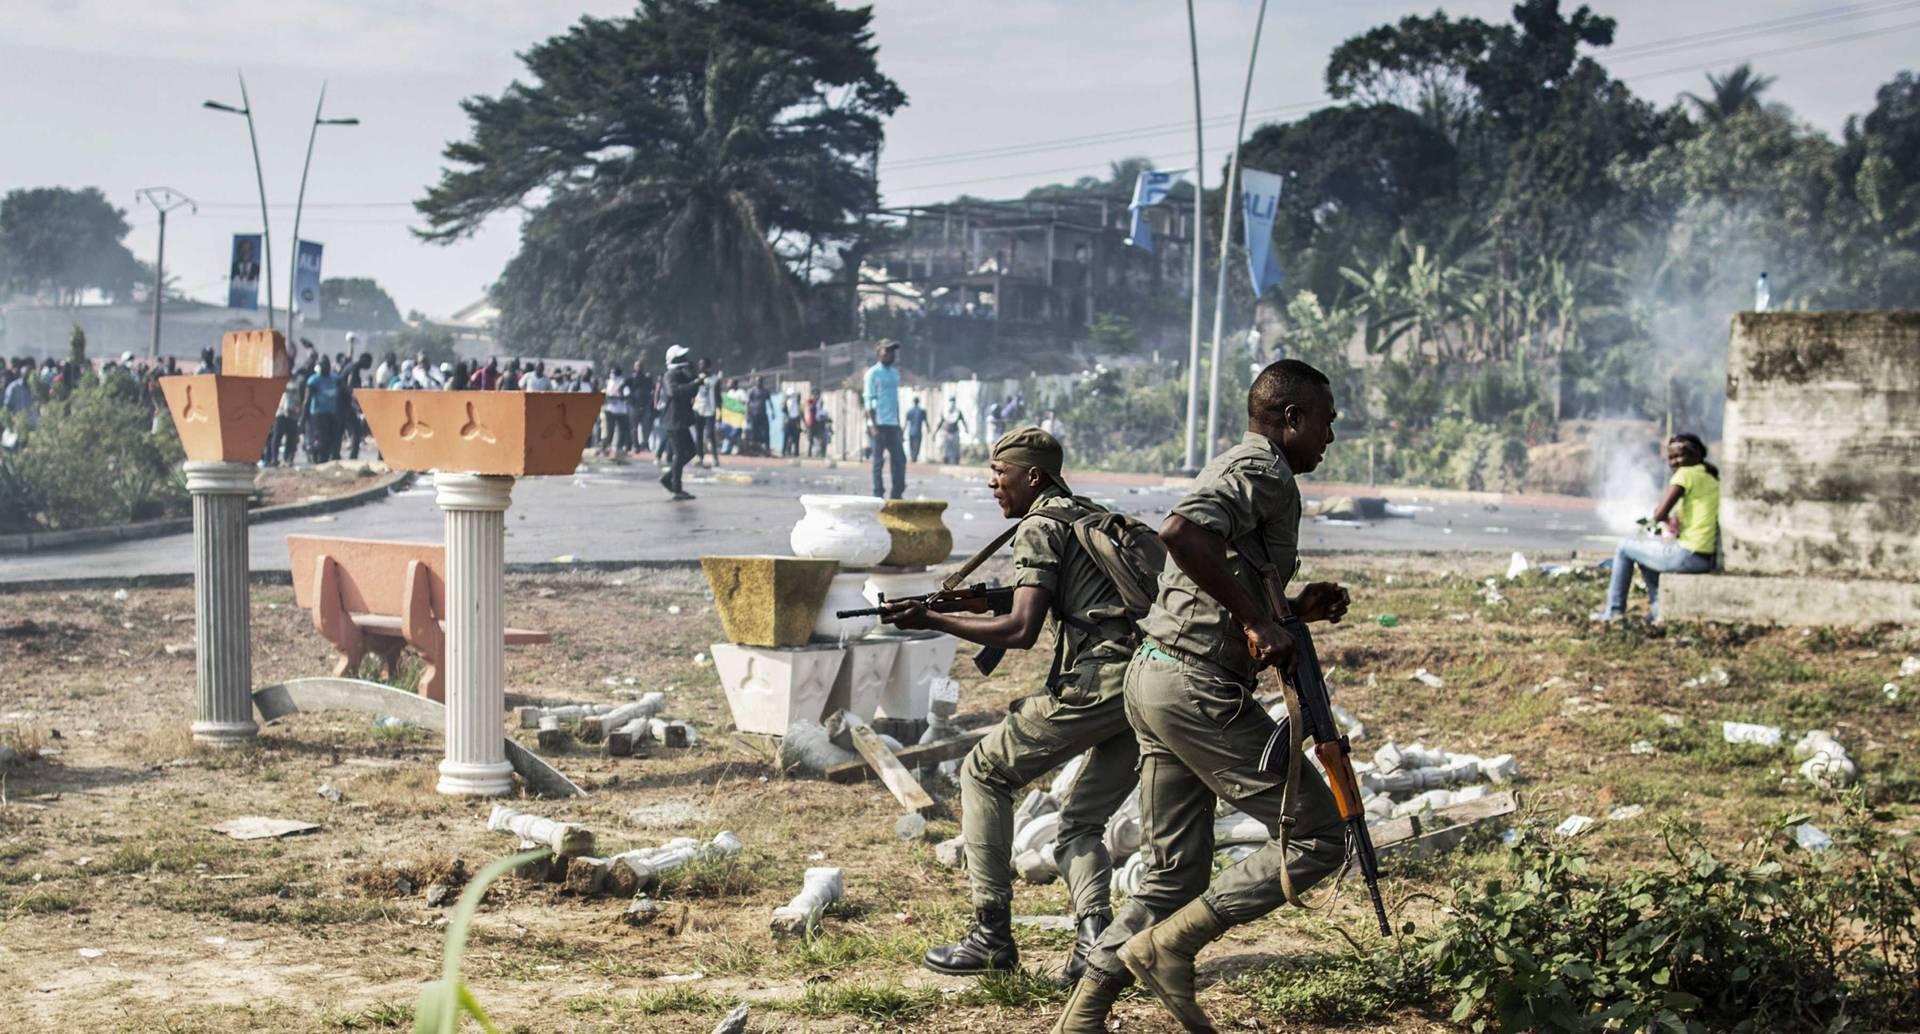 Un conflicto político en Gabon, África se presenta dejando destrozos materiales. La manifestación se produce por la insatisfacción de la ciudadanía ante el resultado electoral de ese país que dejó como ganador a Bongo.